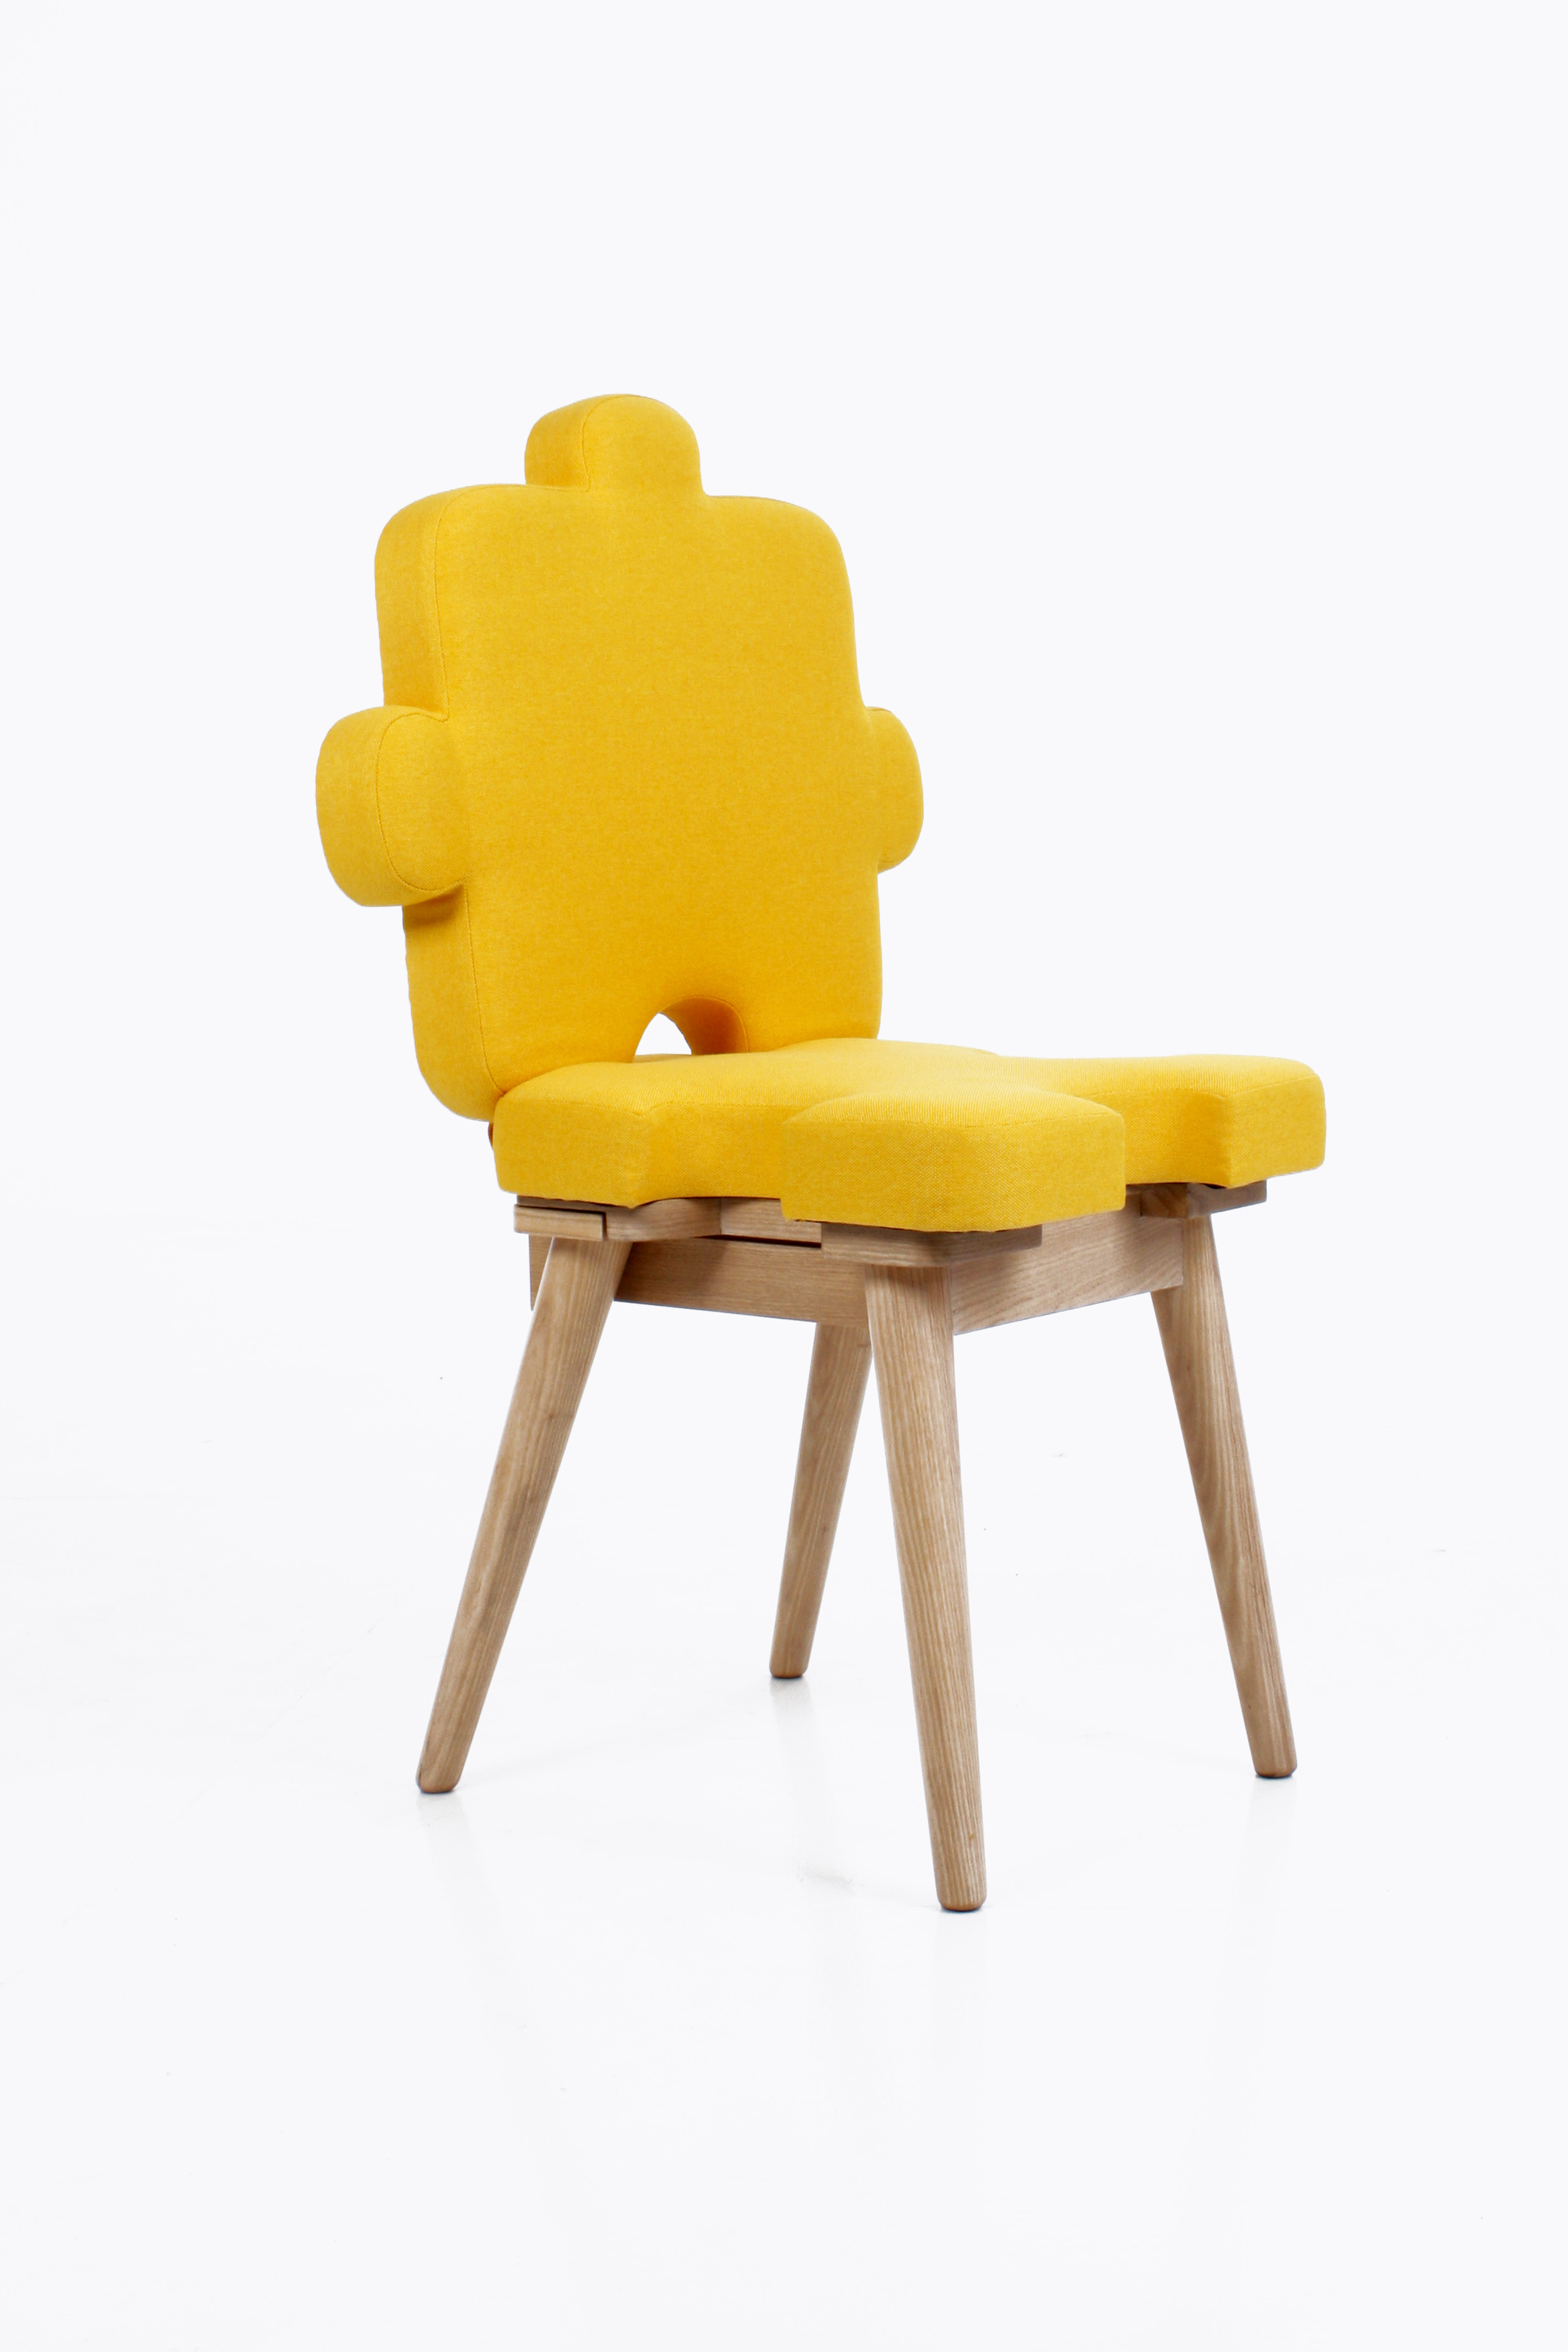 Chair 3_3.jpg